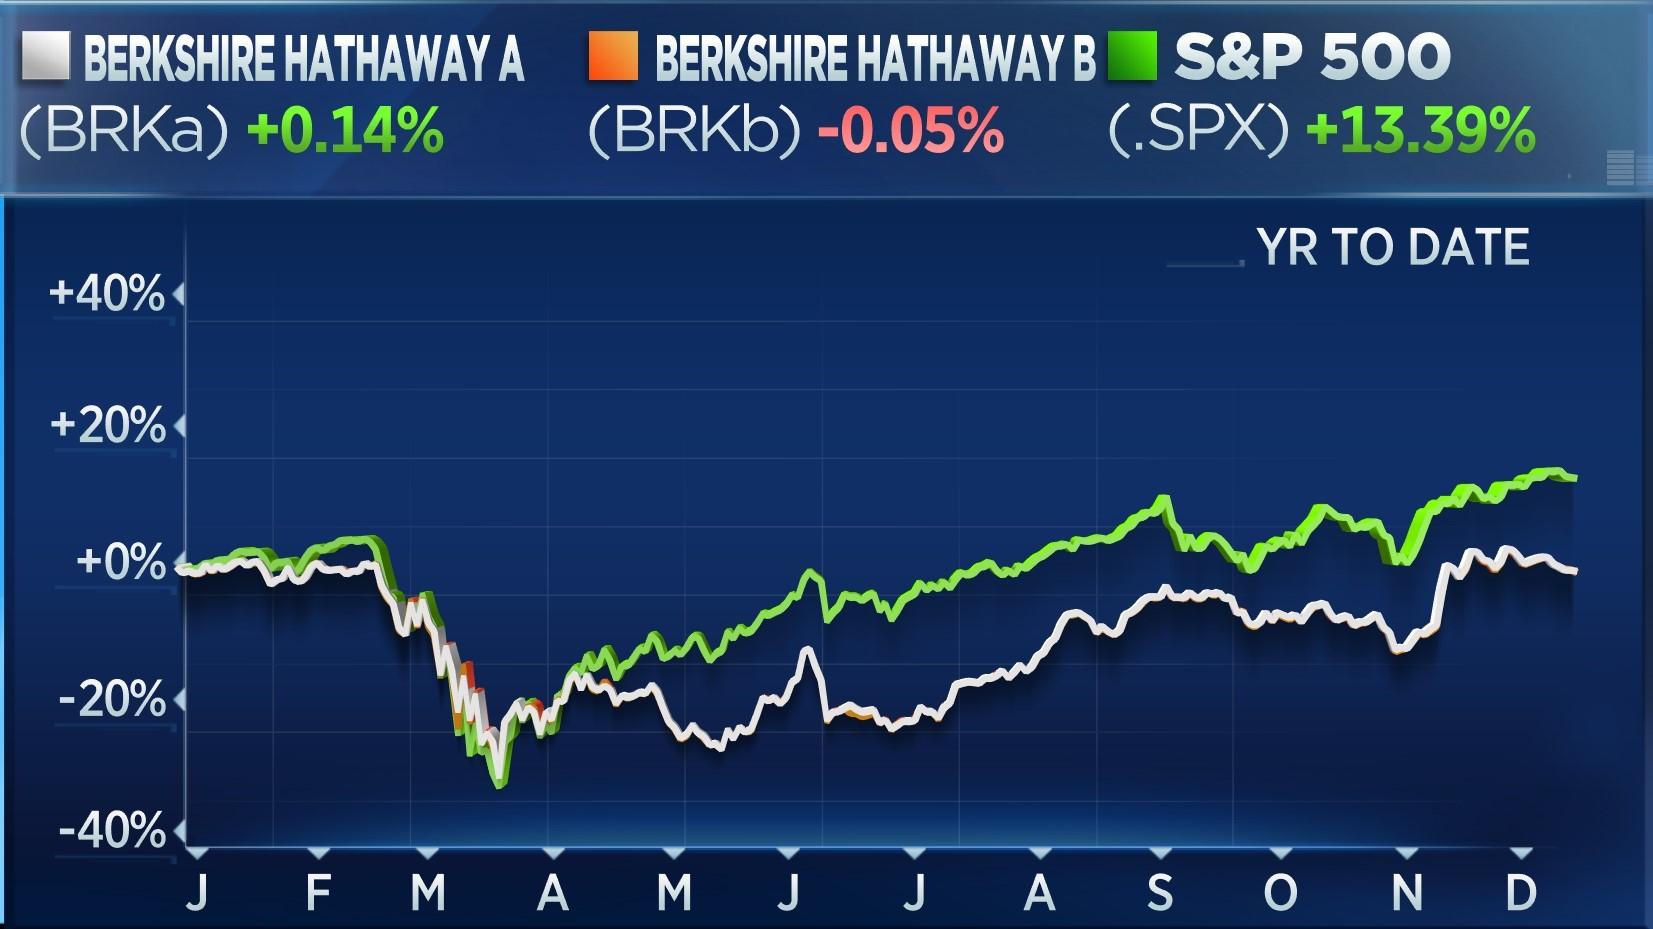 YTD: BRKa up 0.14%, BRKb down 0.05%, S&P up 13.39%